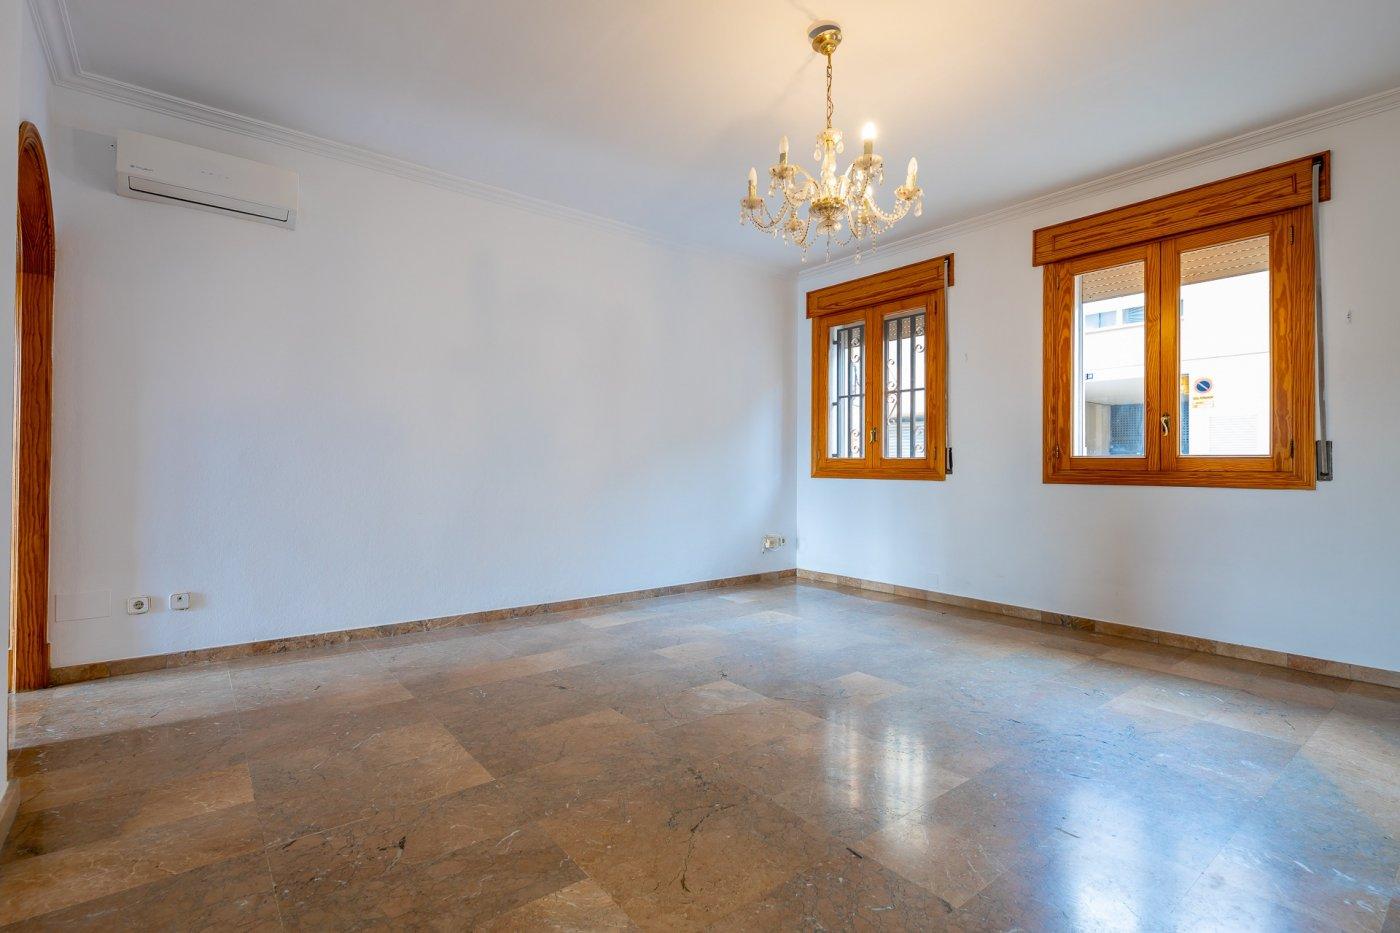 Planta baja y sala adicional de 95 m² con patio de 160 m² - imagenInmueble16